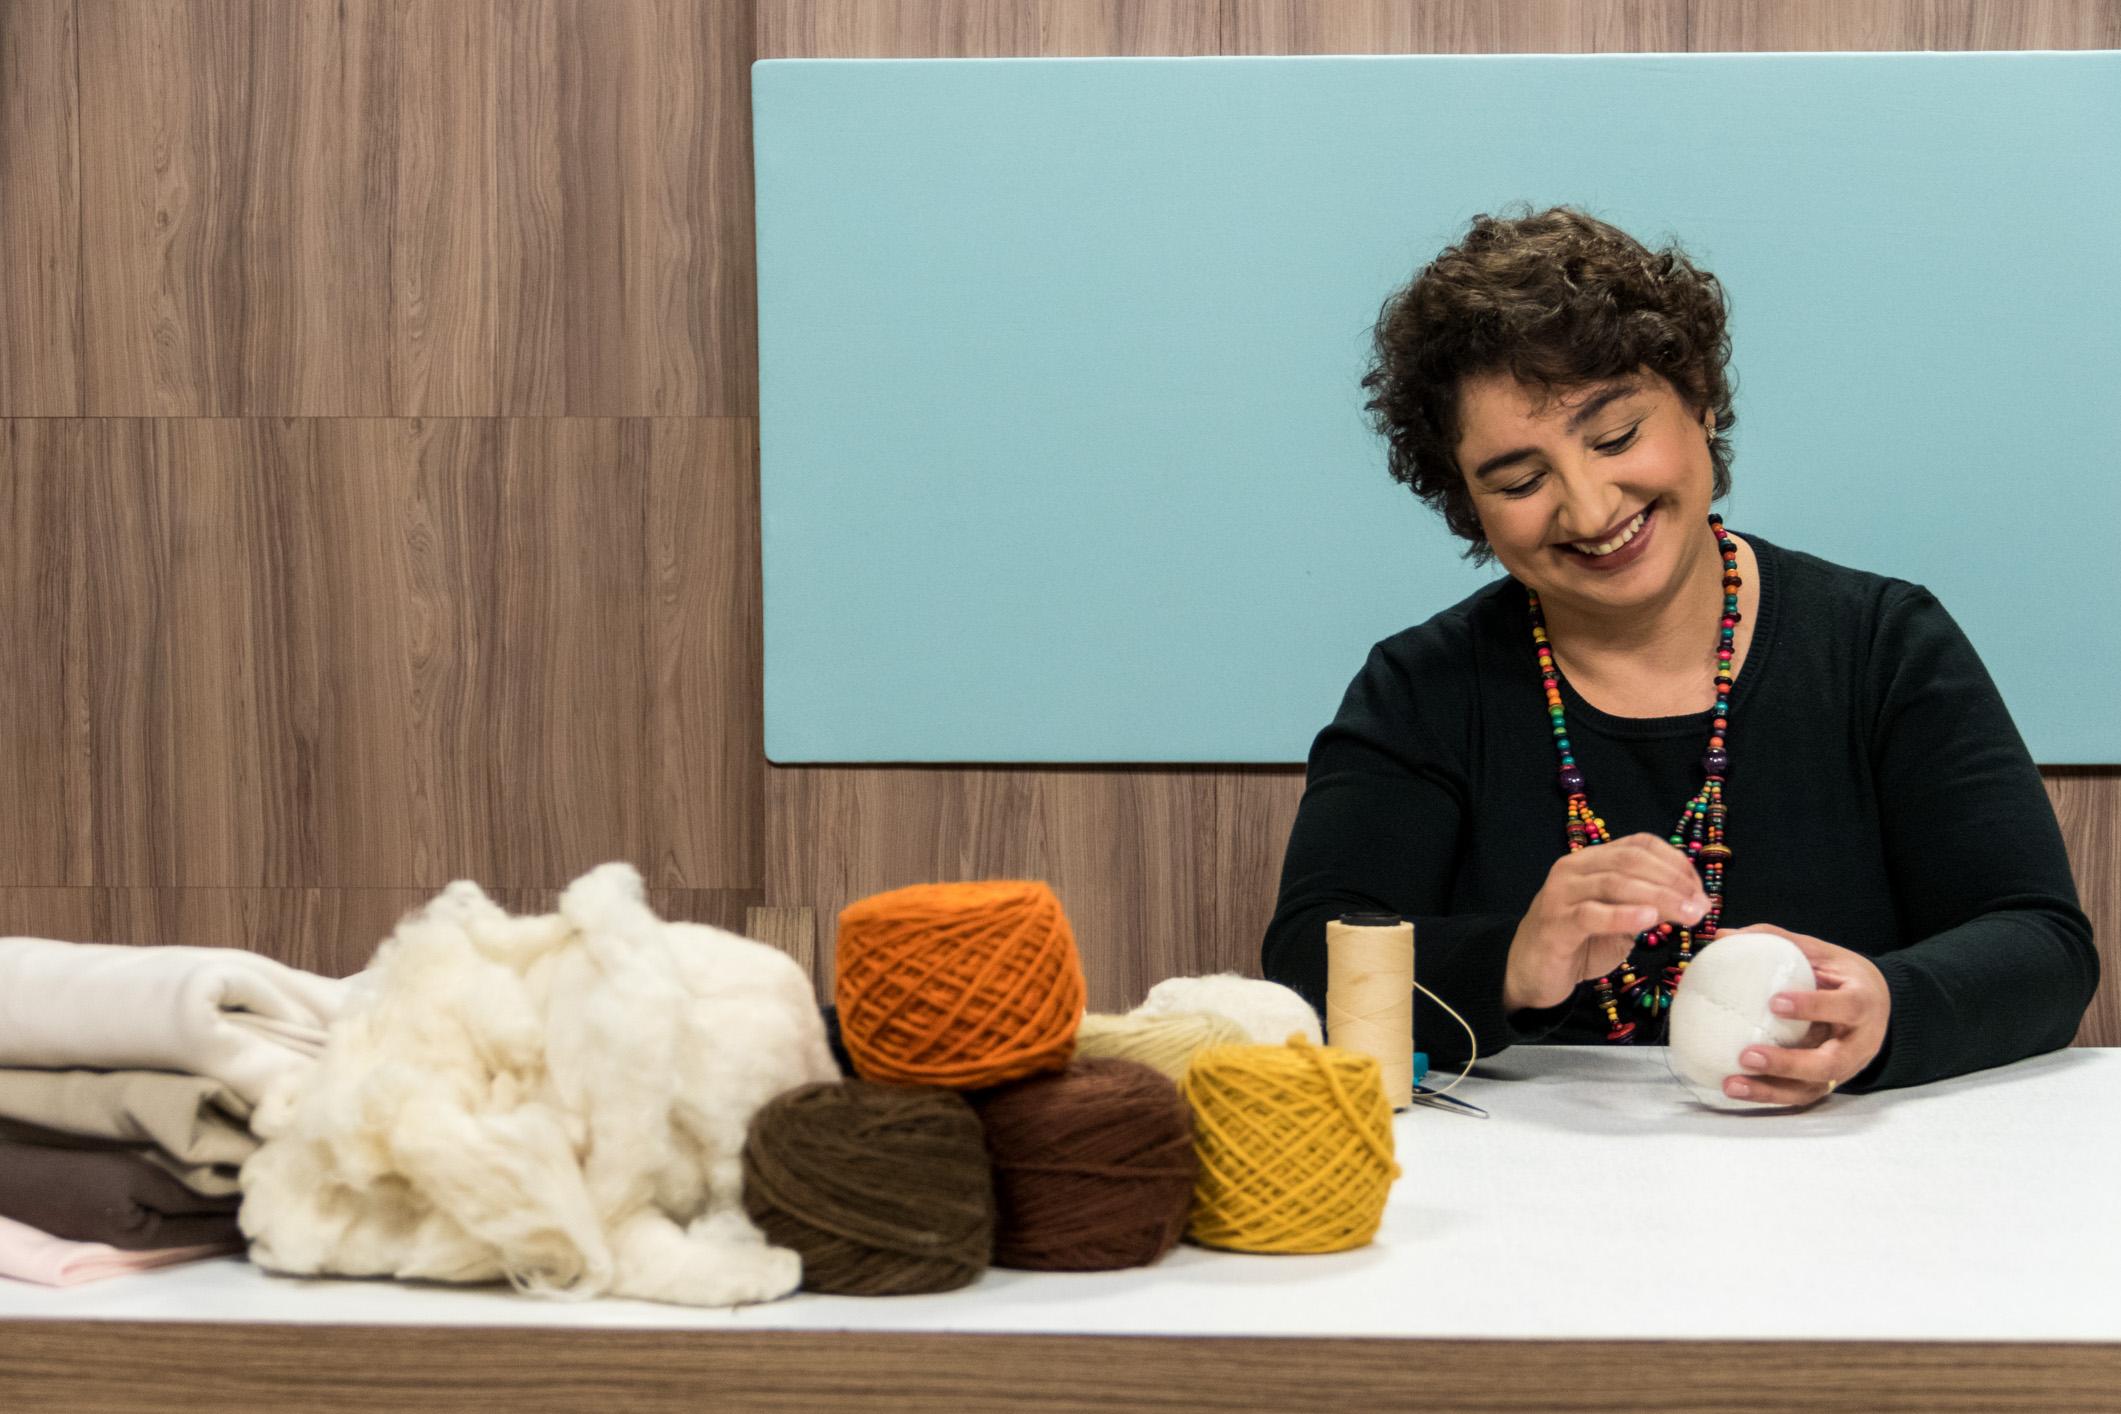 A artesã Andréia Kusaba, autora do curso Bonecos artísticos com fibra natural